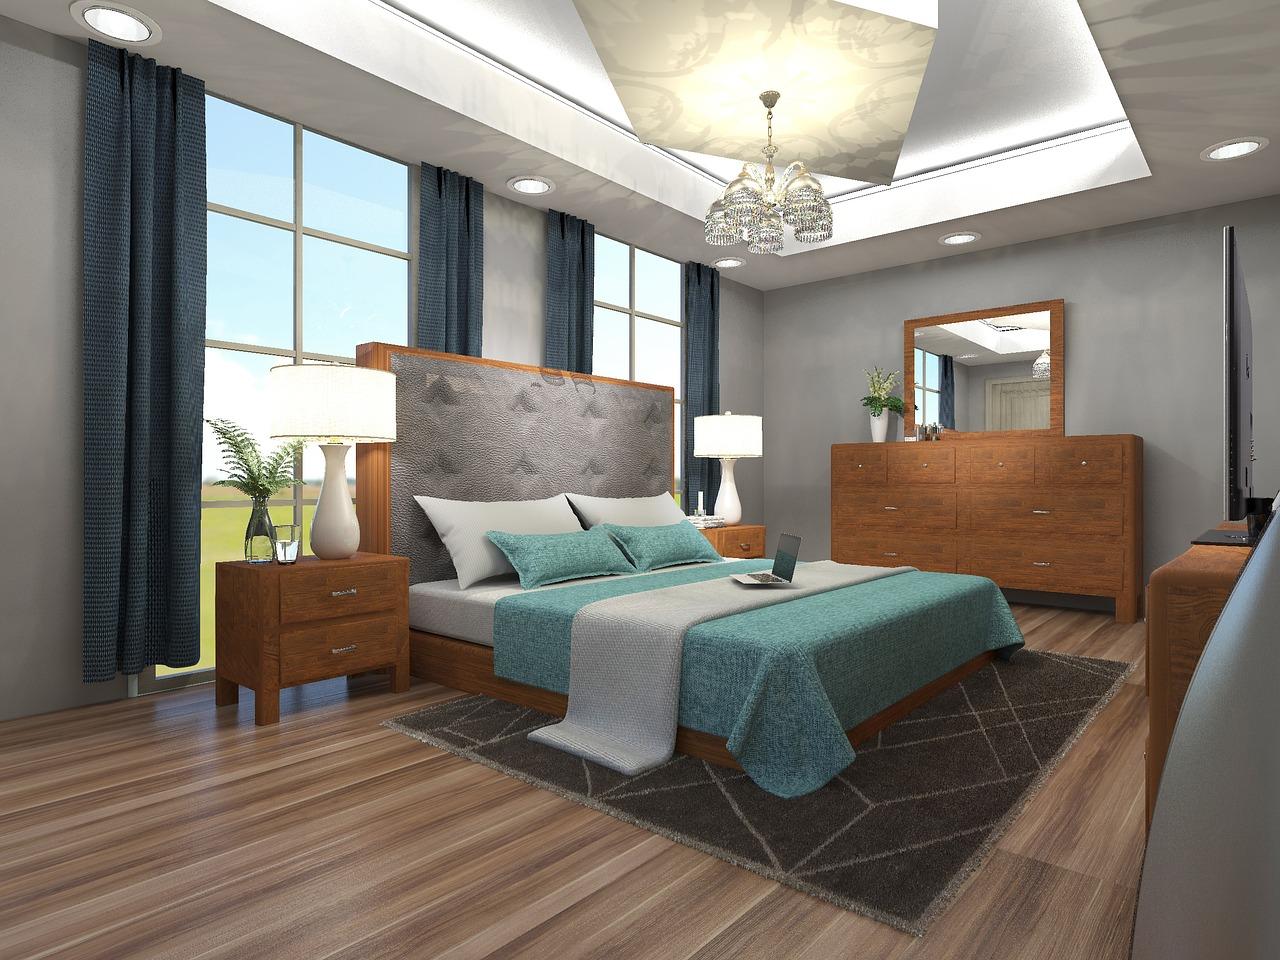 Aménagez votre maison avec des sièges capitonnés